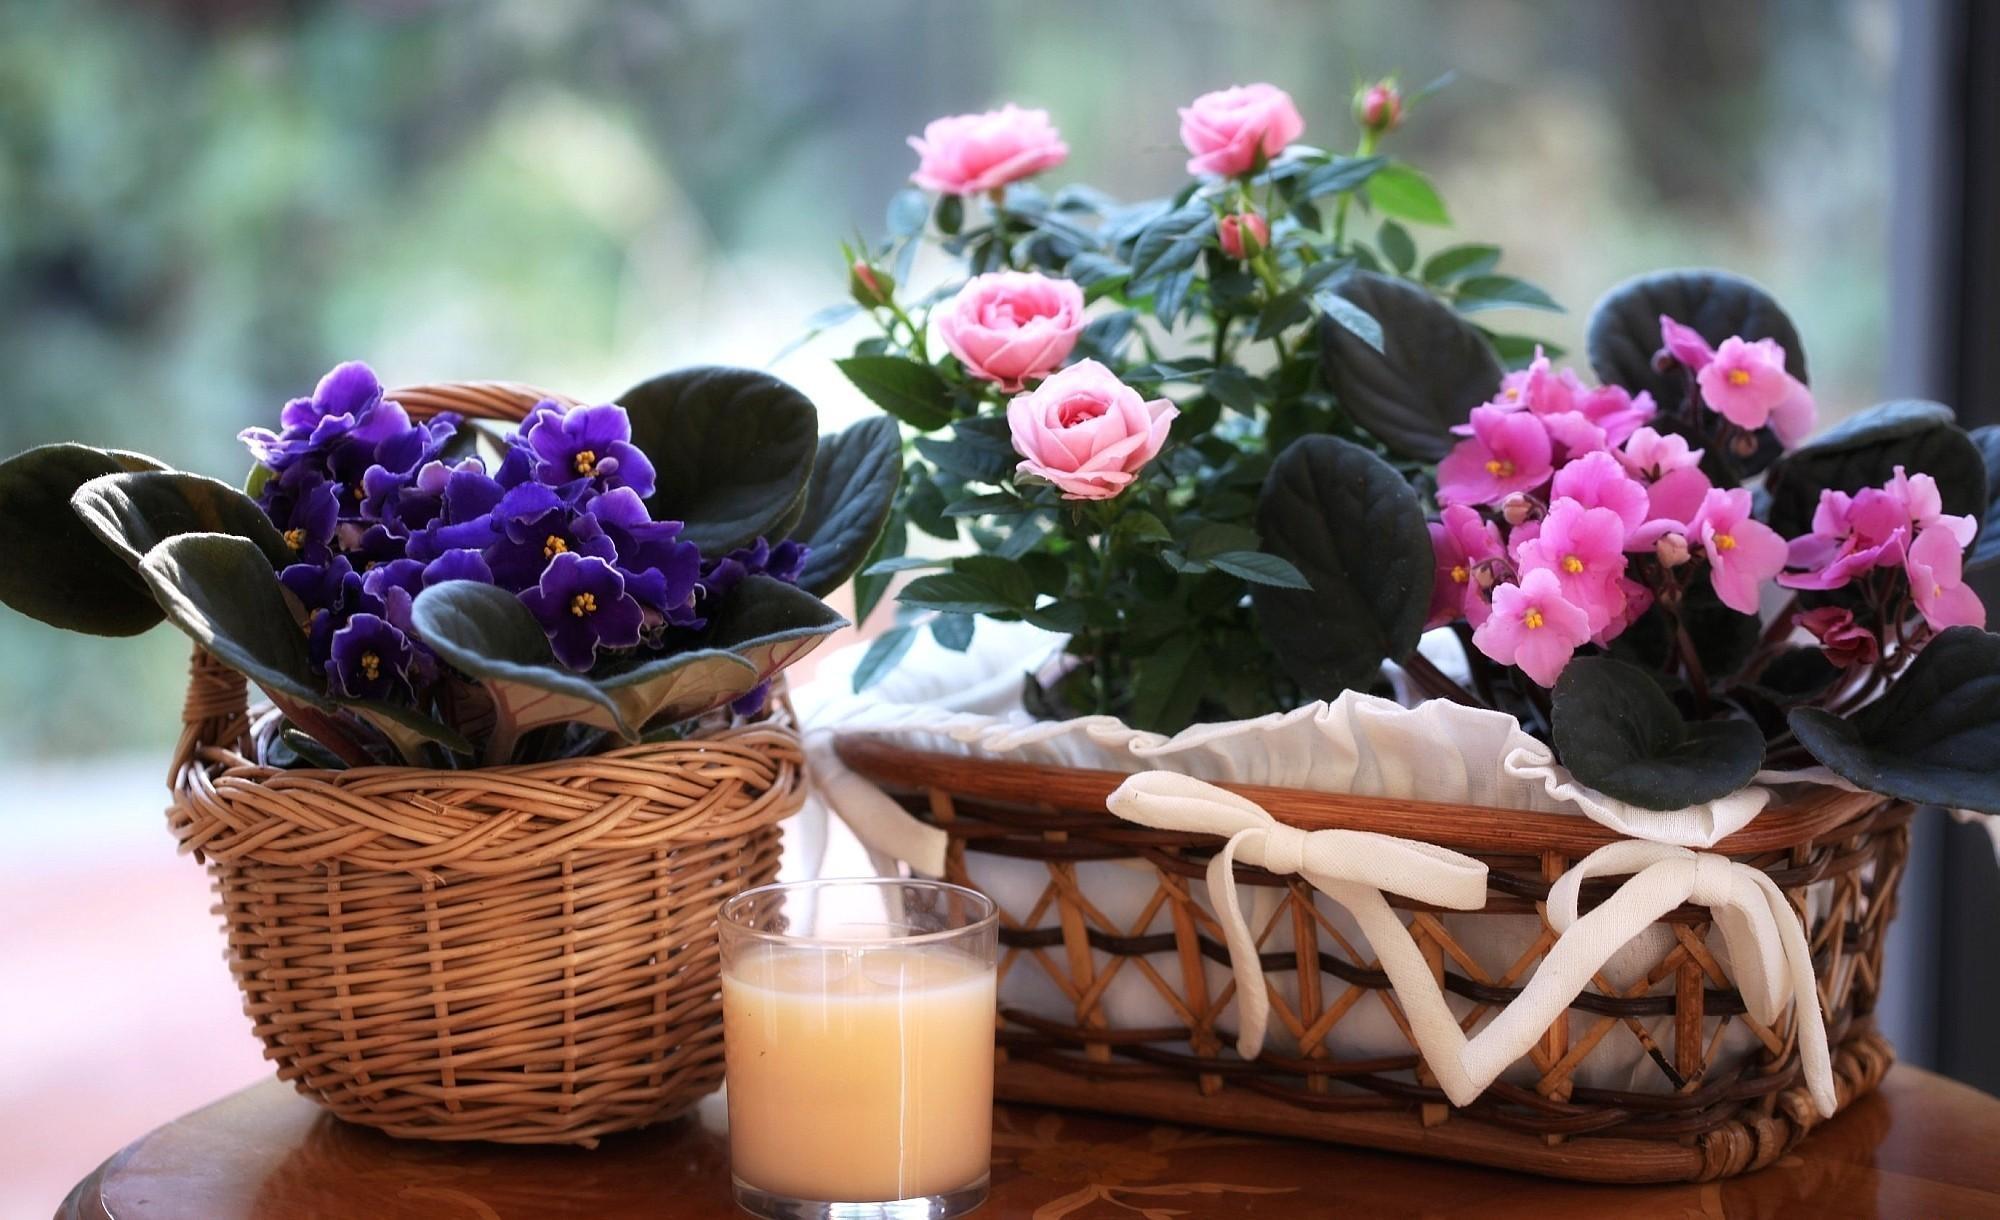 67396 Заставки и Обои Фиалки на телефон. Скачать Цветы, Розы, Фиалки, Цветение, Напиток, Стакан, Корзины картинки бесплатно